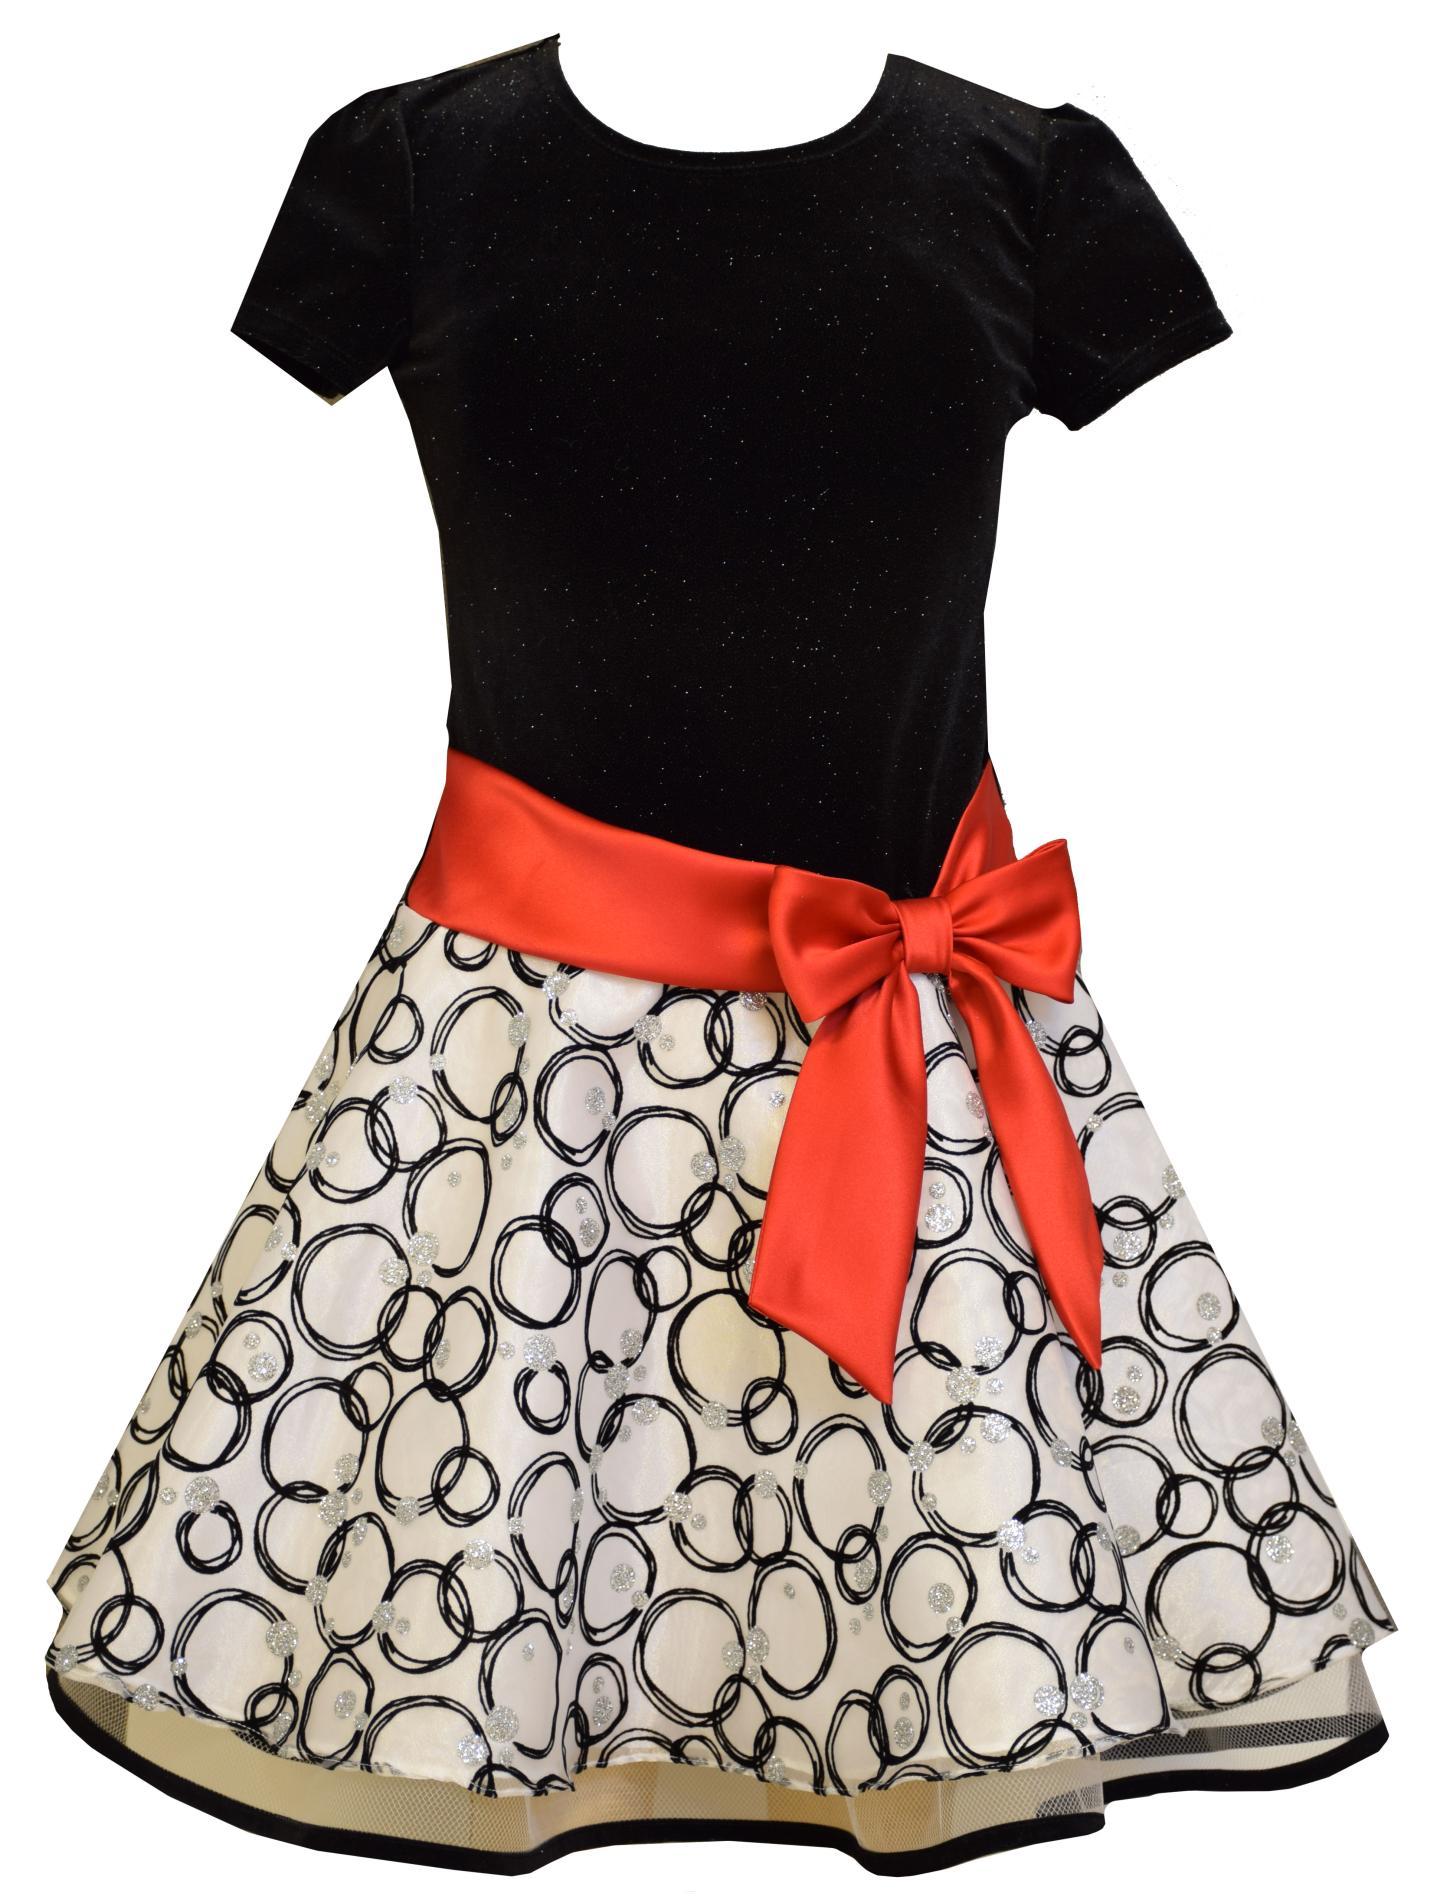 Ashley Ann Girl's Velvet & Chiffon Full-Skirt Party Dress